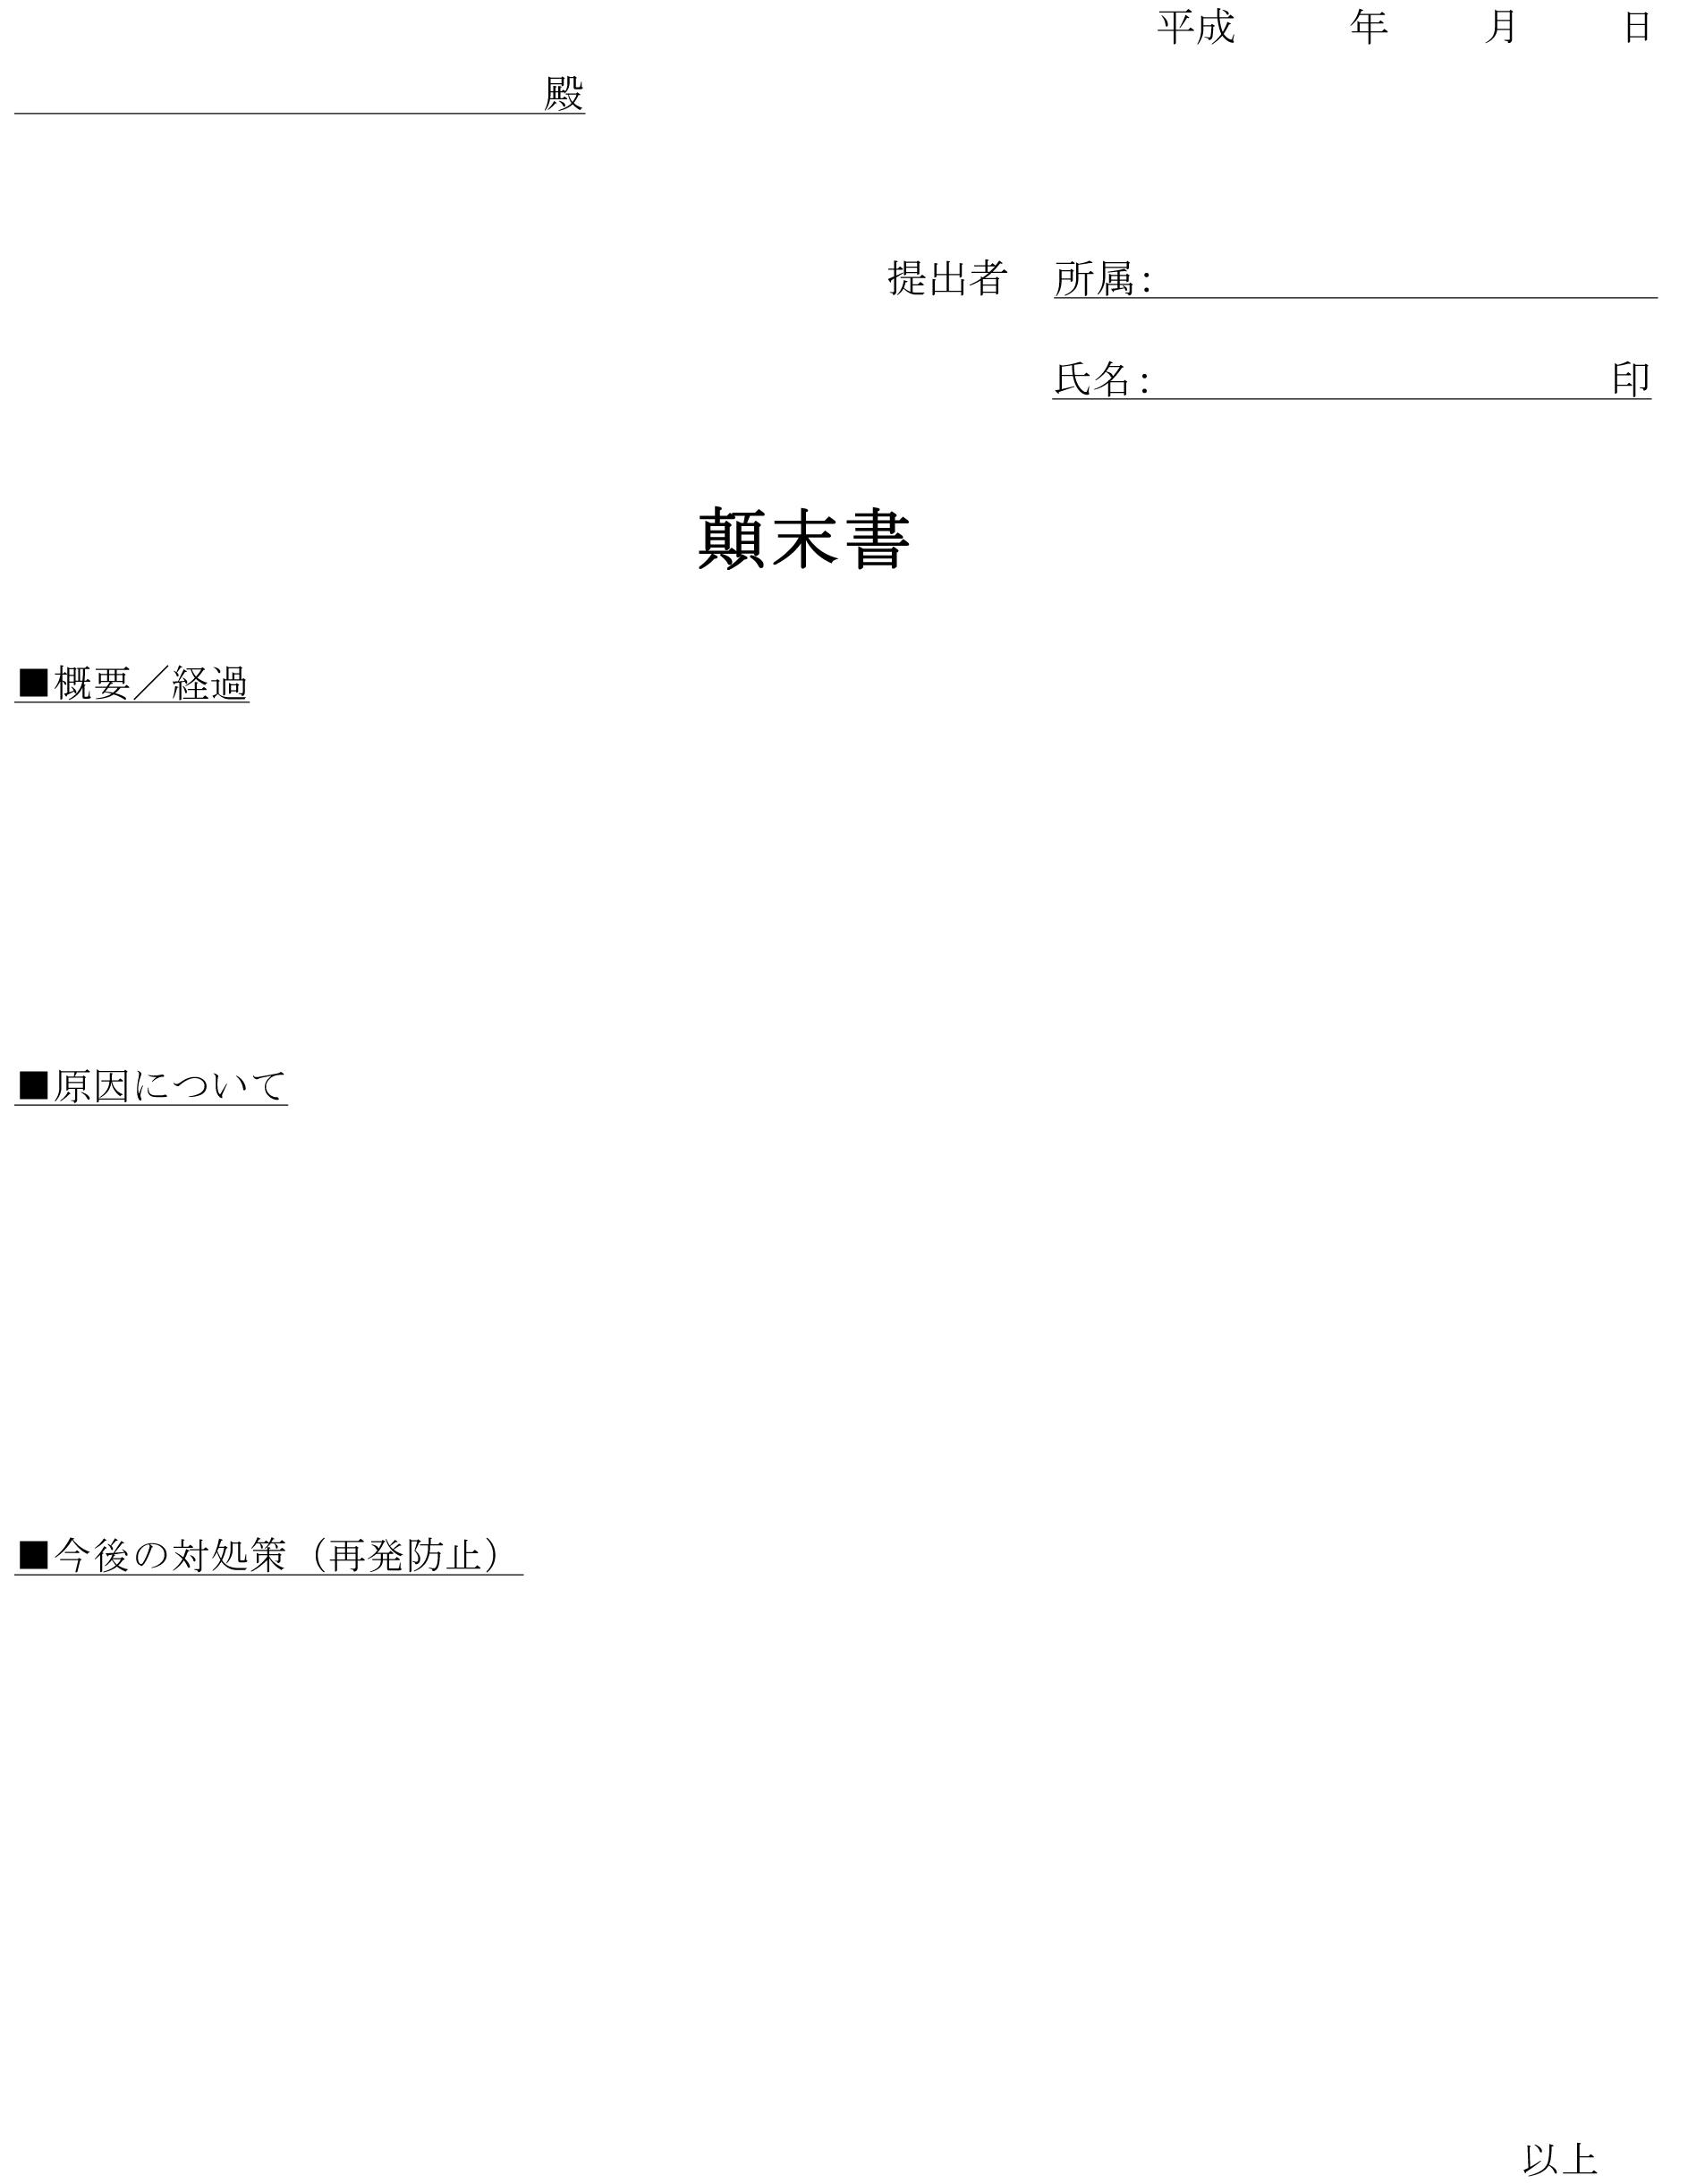 顛末書03